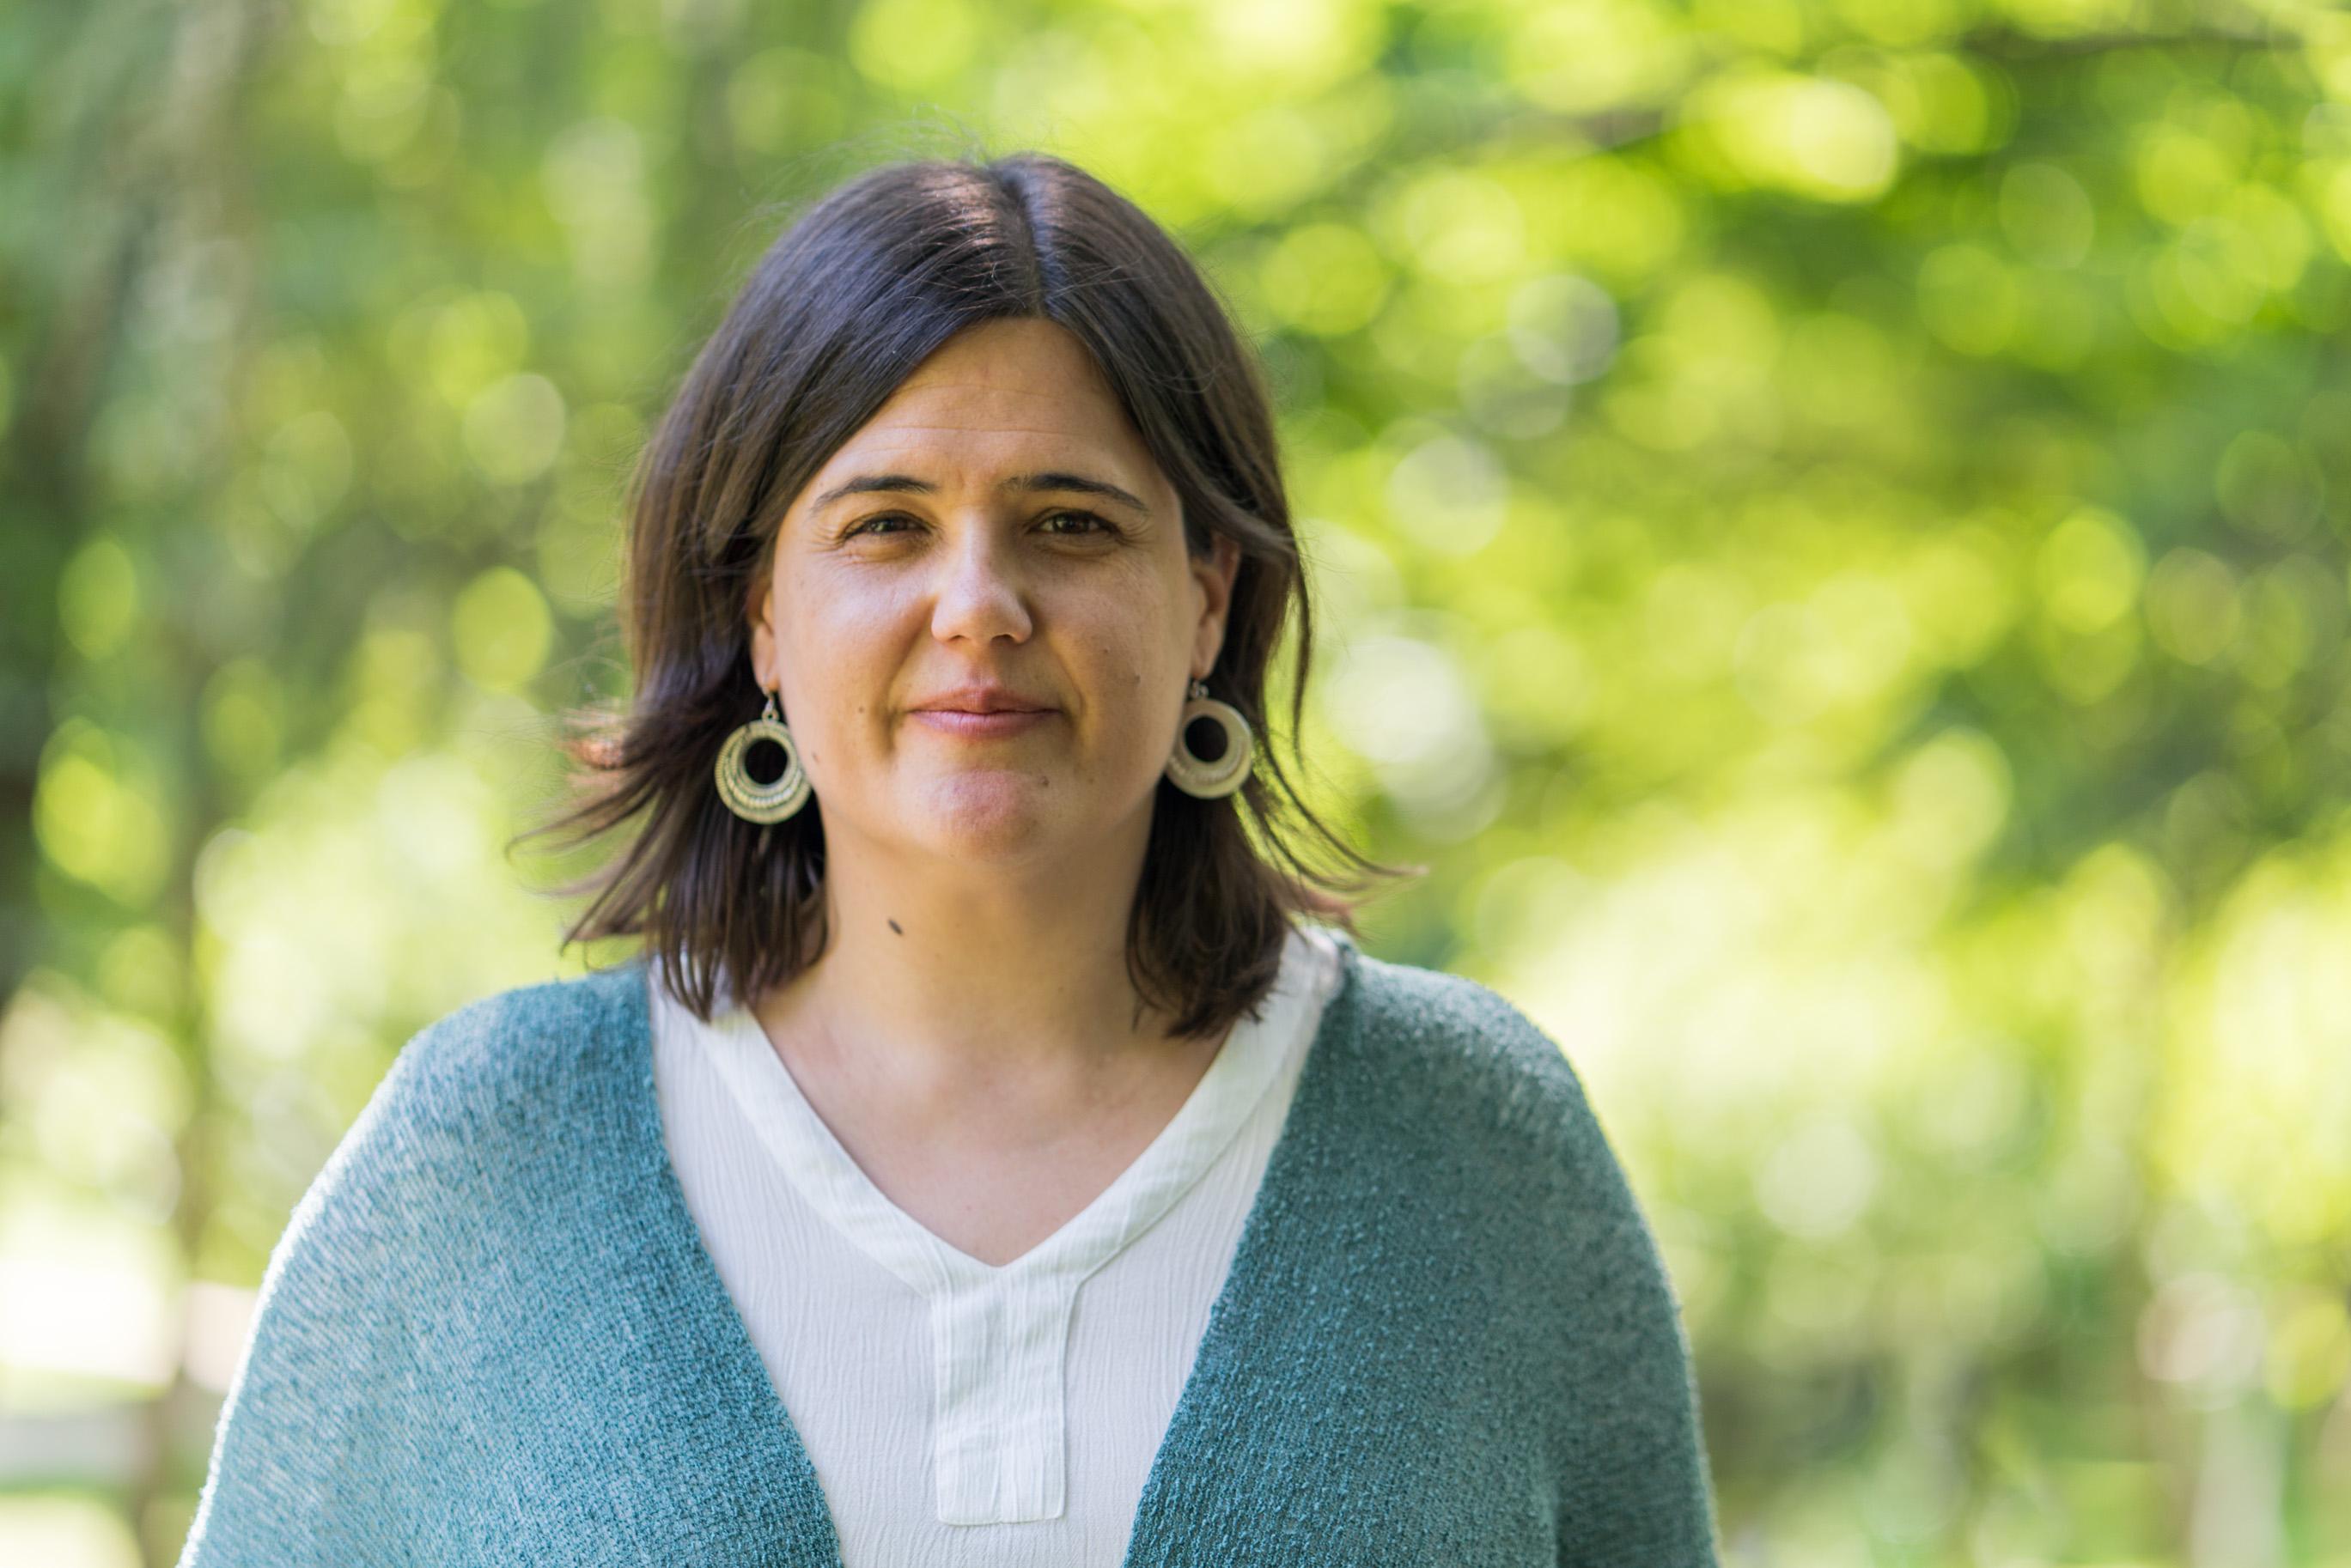 El duelo Virtudes Muñoz en El Olivo Psicoterapia Humanista